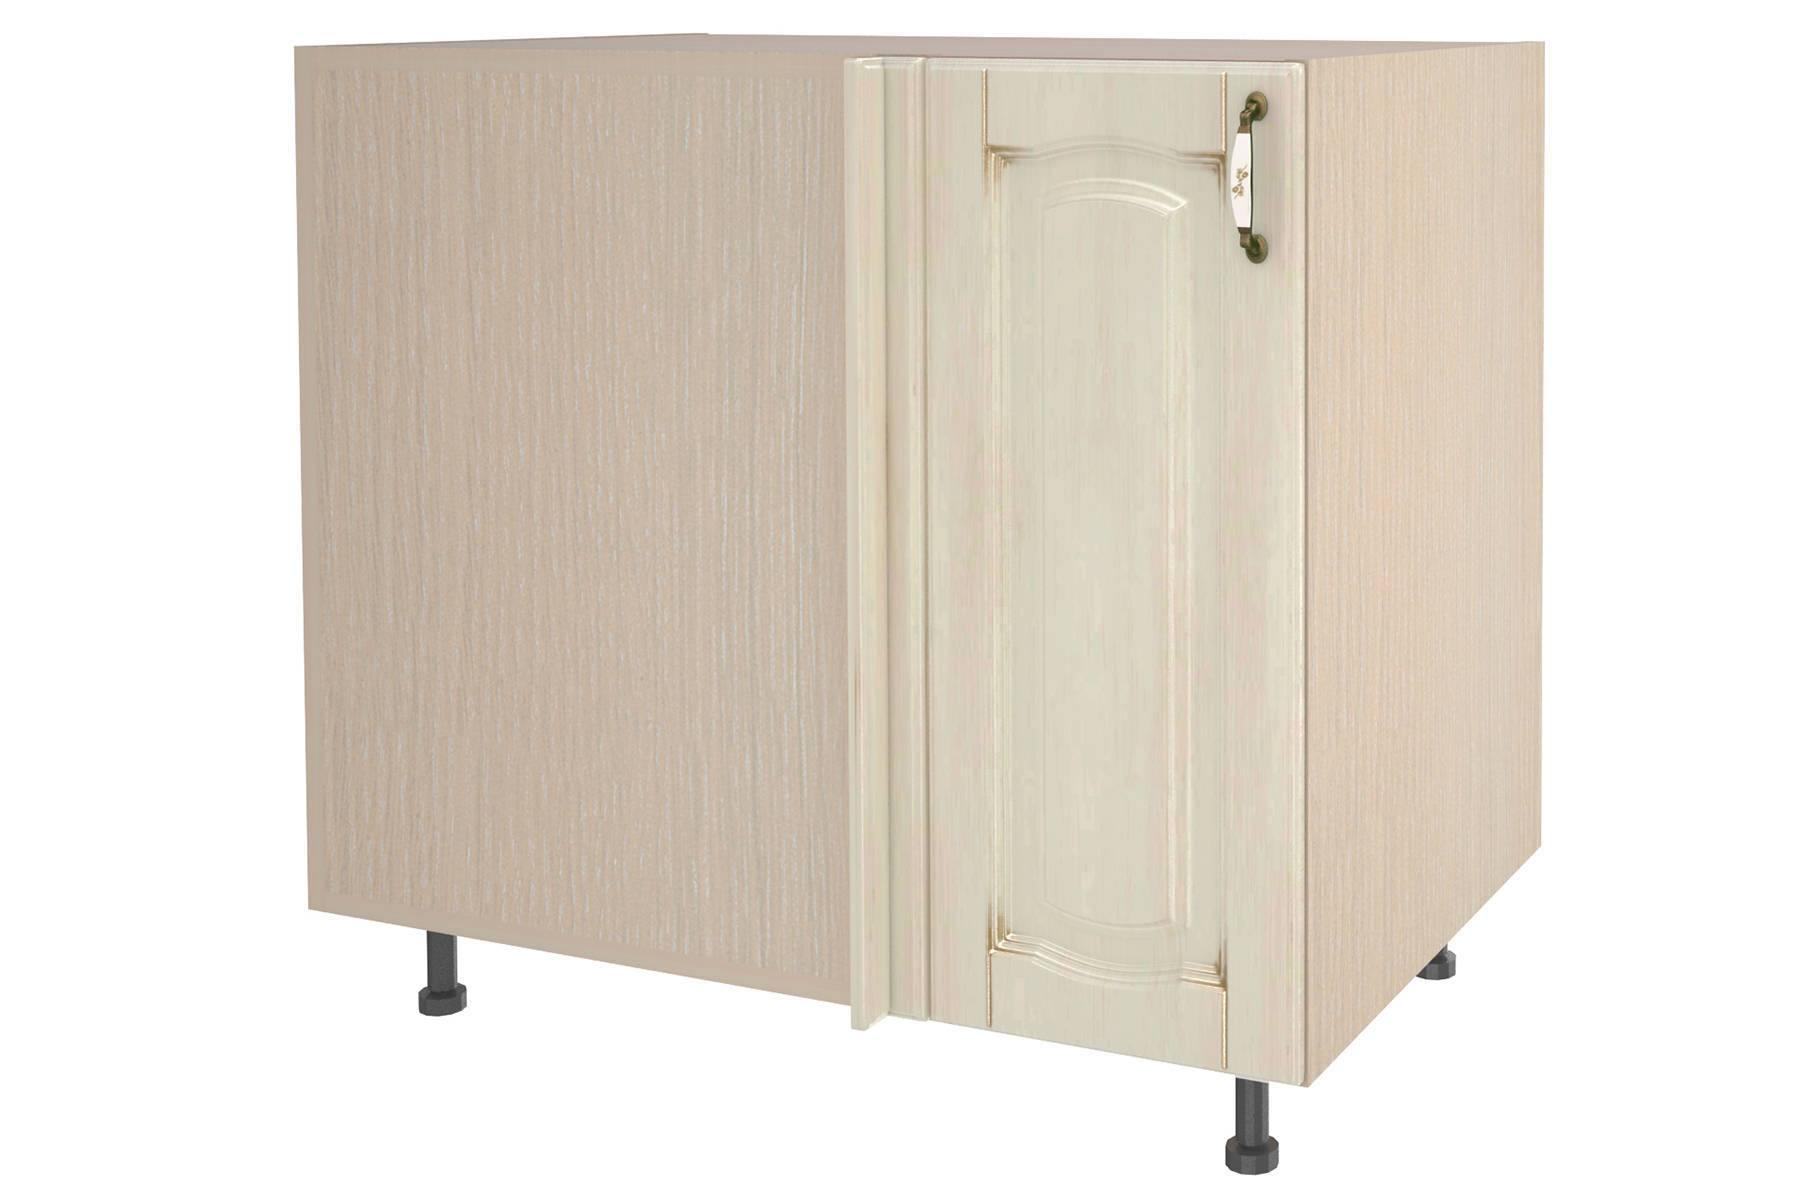 кухонные гарнитуры недорого все шкафы можно купить по отдельности